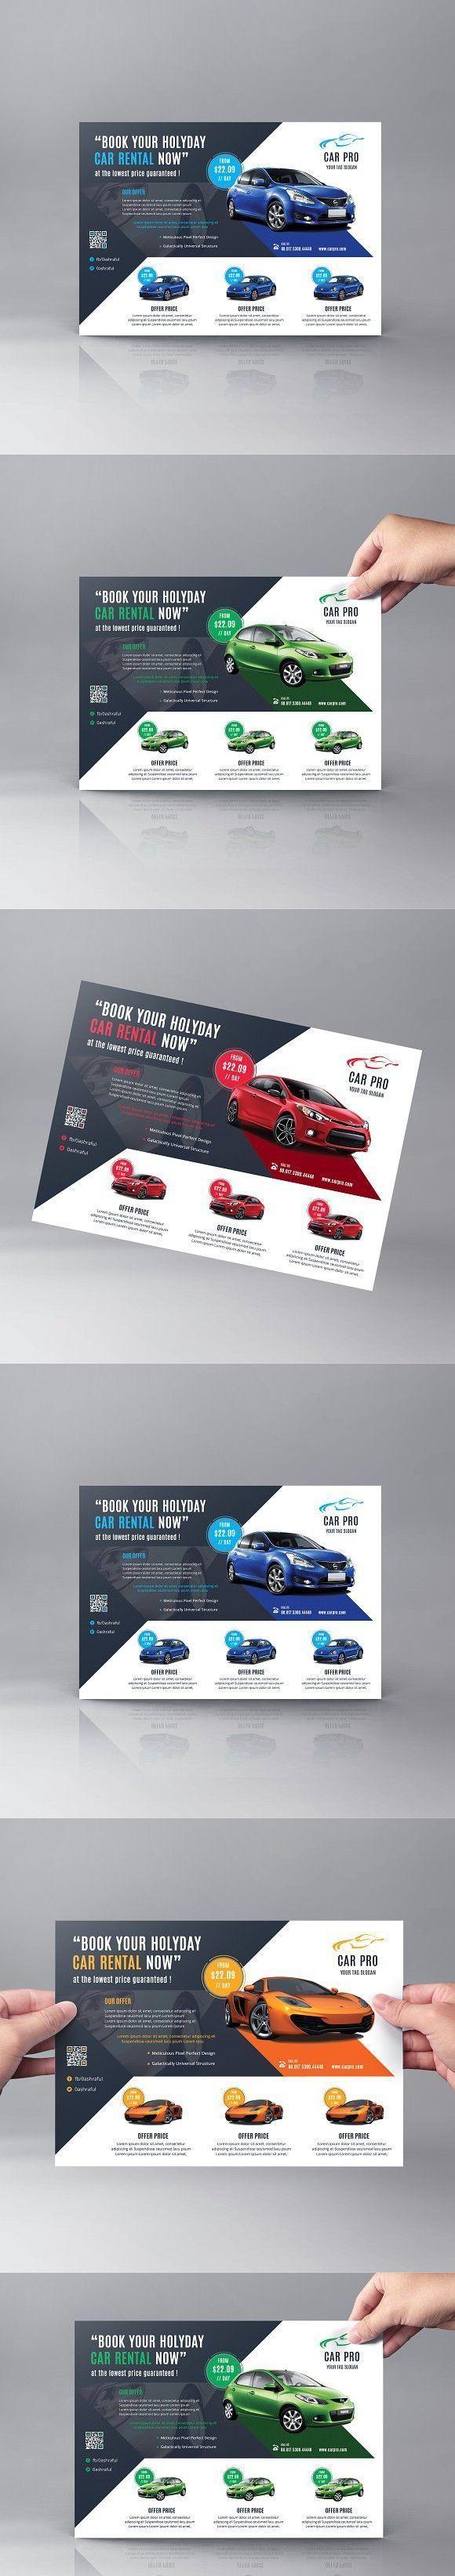 Wunderbar Foto Visitenkarten Auto Vorschläge